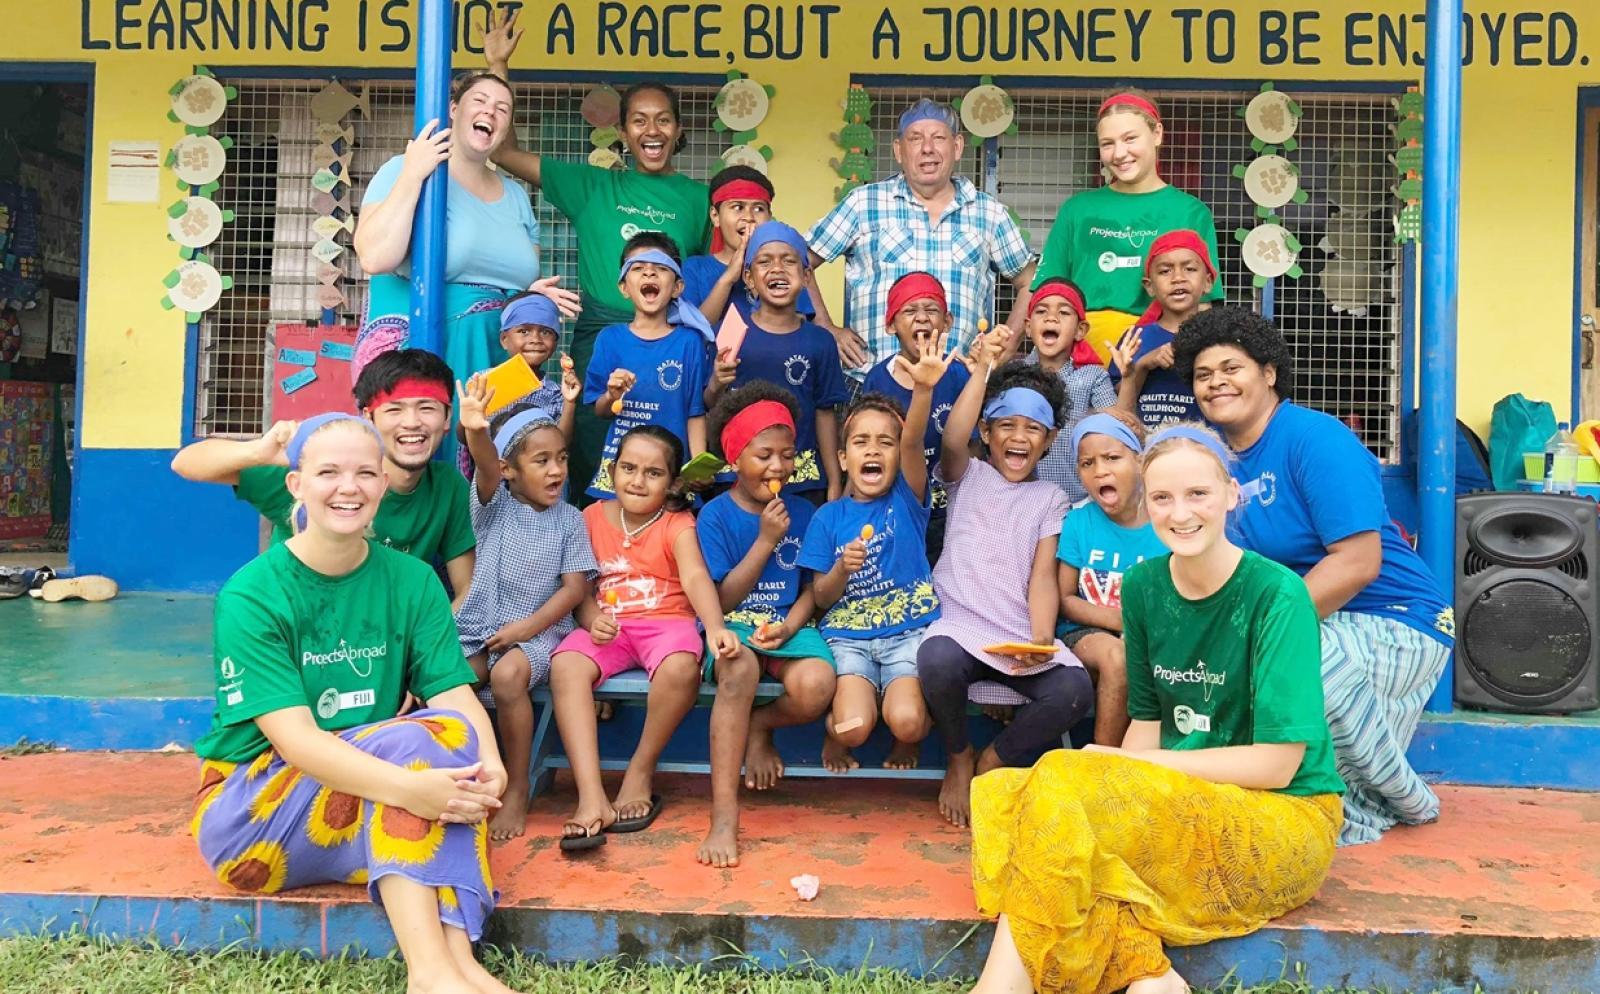 チャイルドケアボランティアと元気いっぱいのフィジーの子供たち